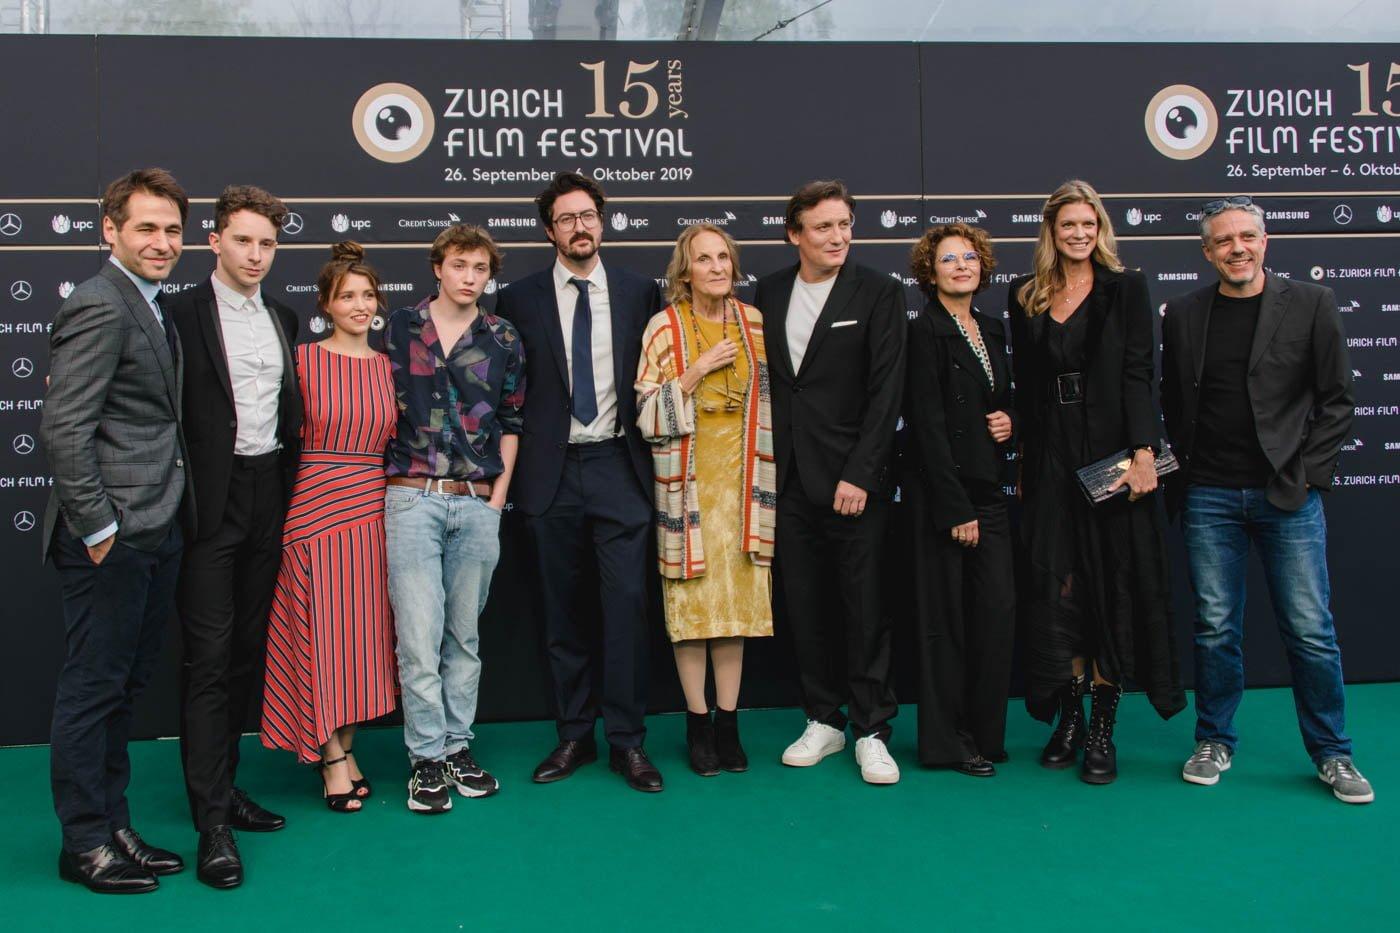 Zürcher Film Festival 2019